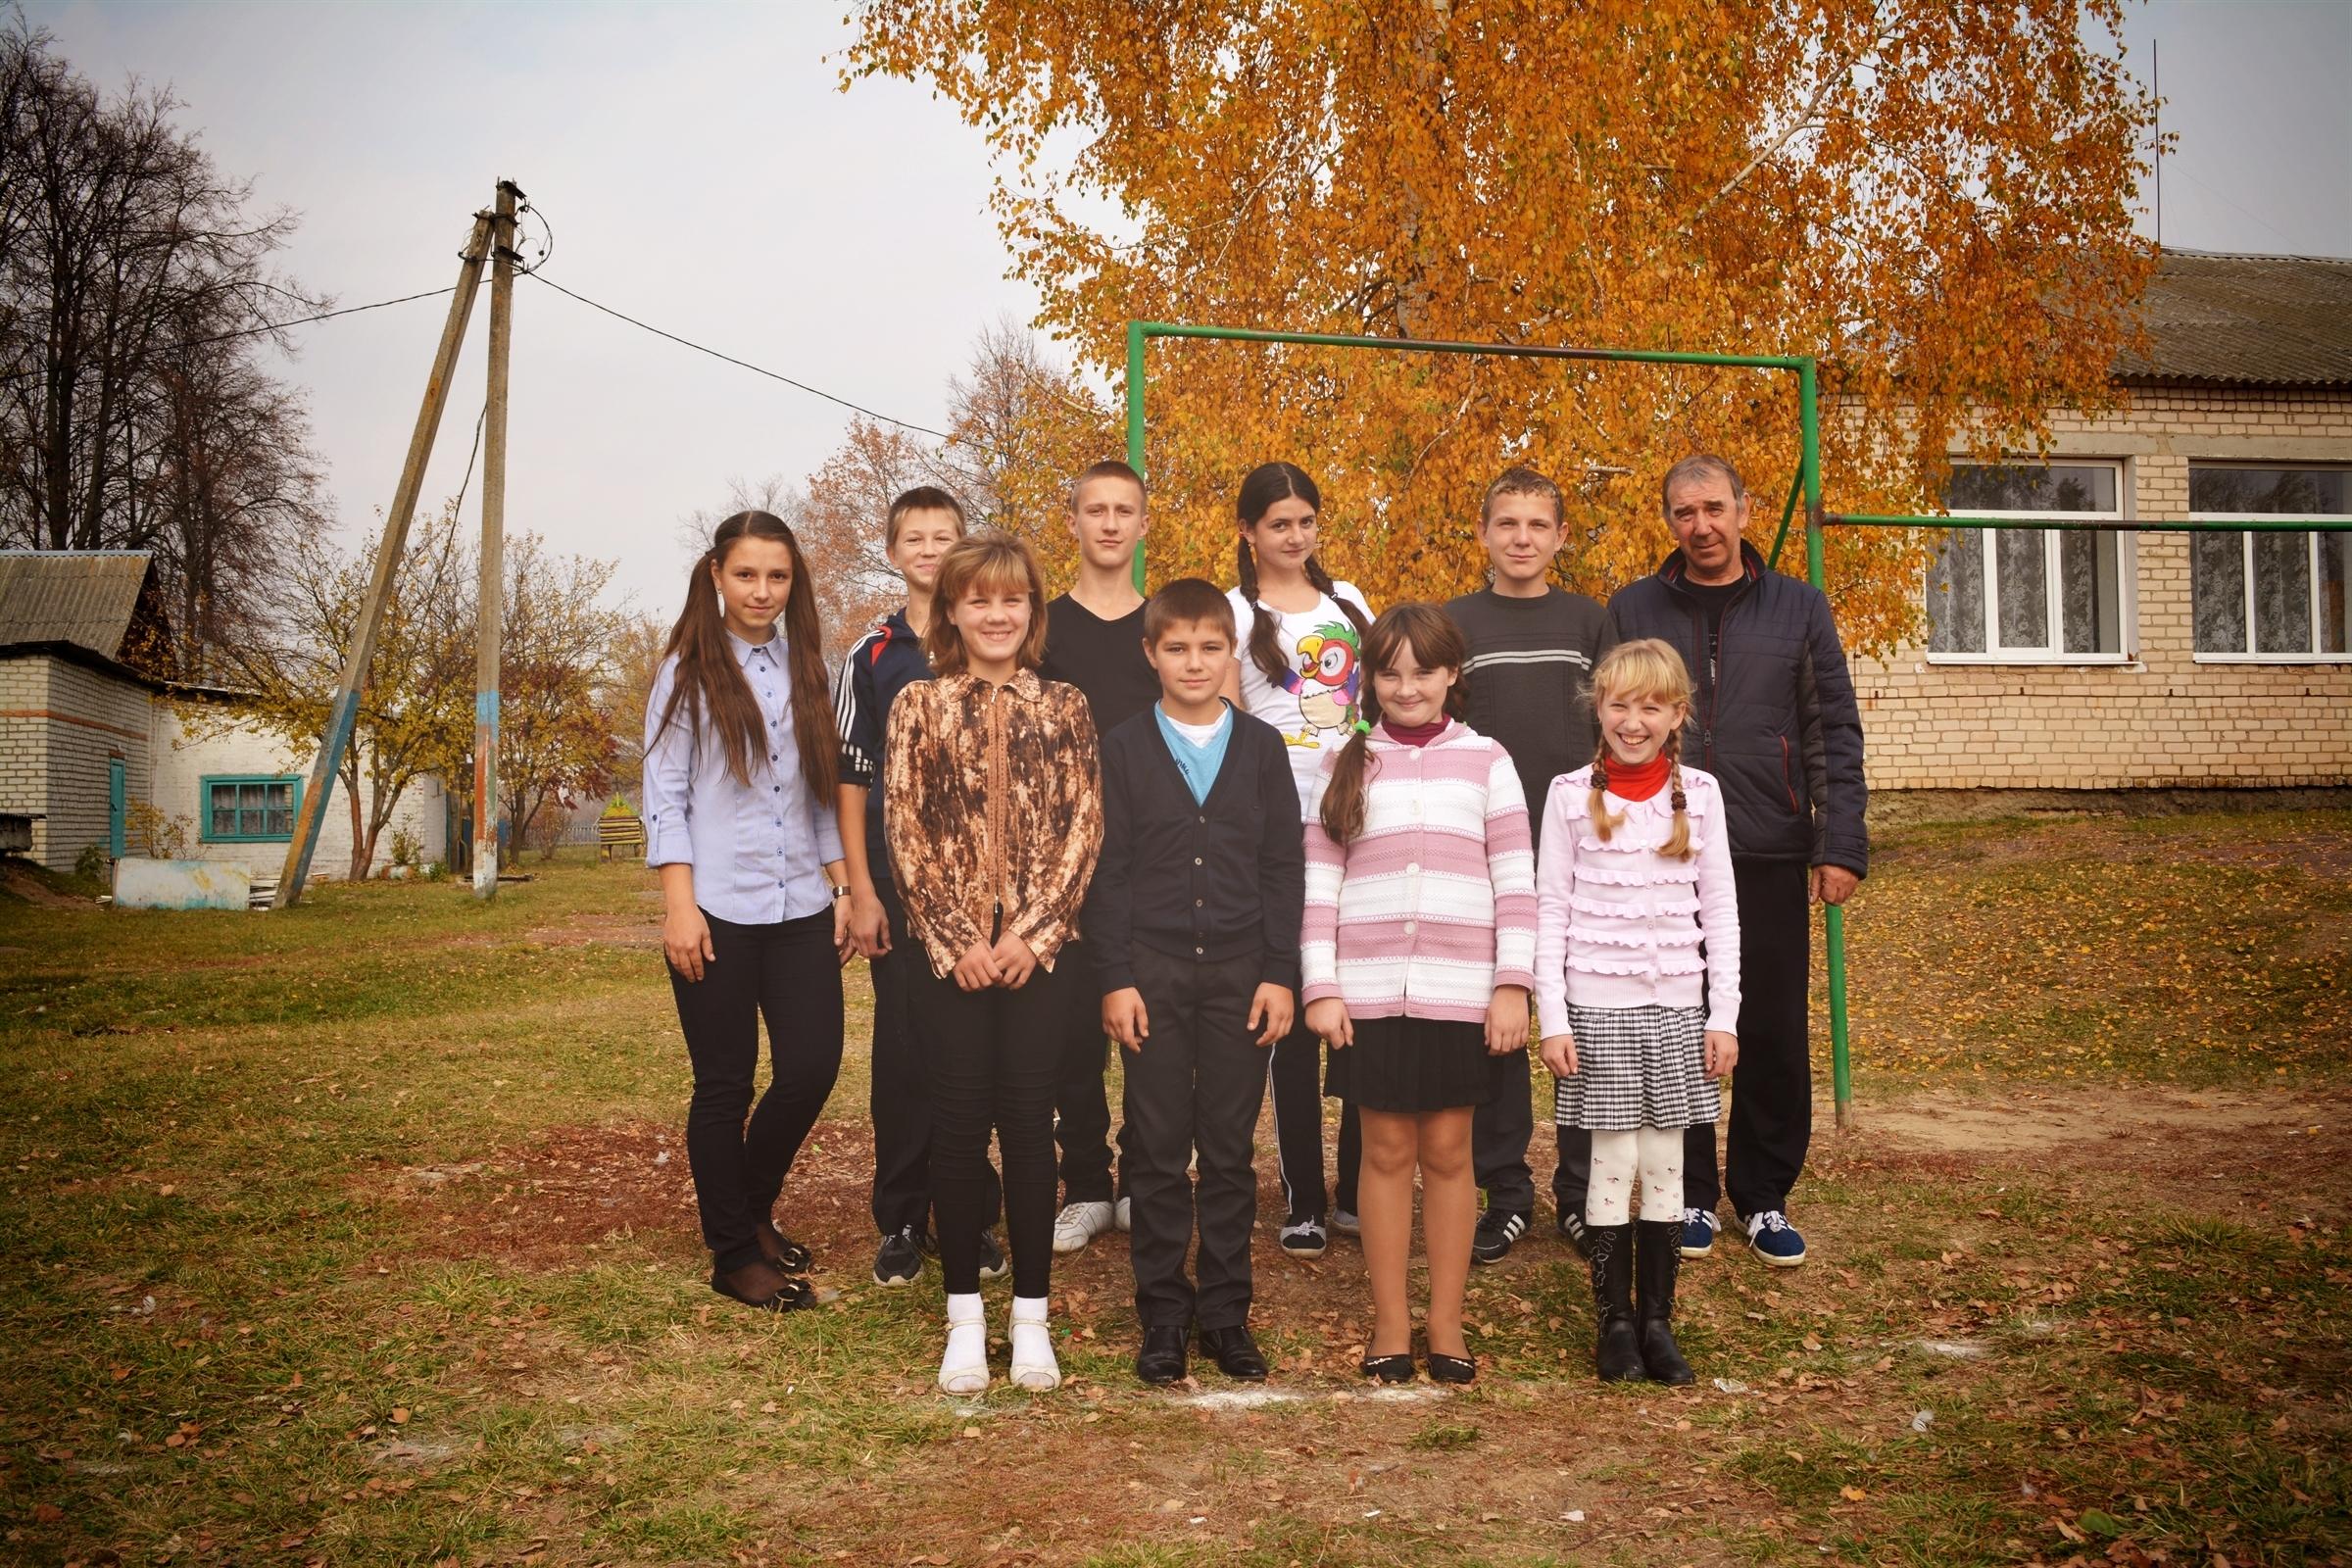 GFRANQ_ELENA_MARKOVSKAYA_67283805_2400.jpg